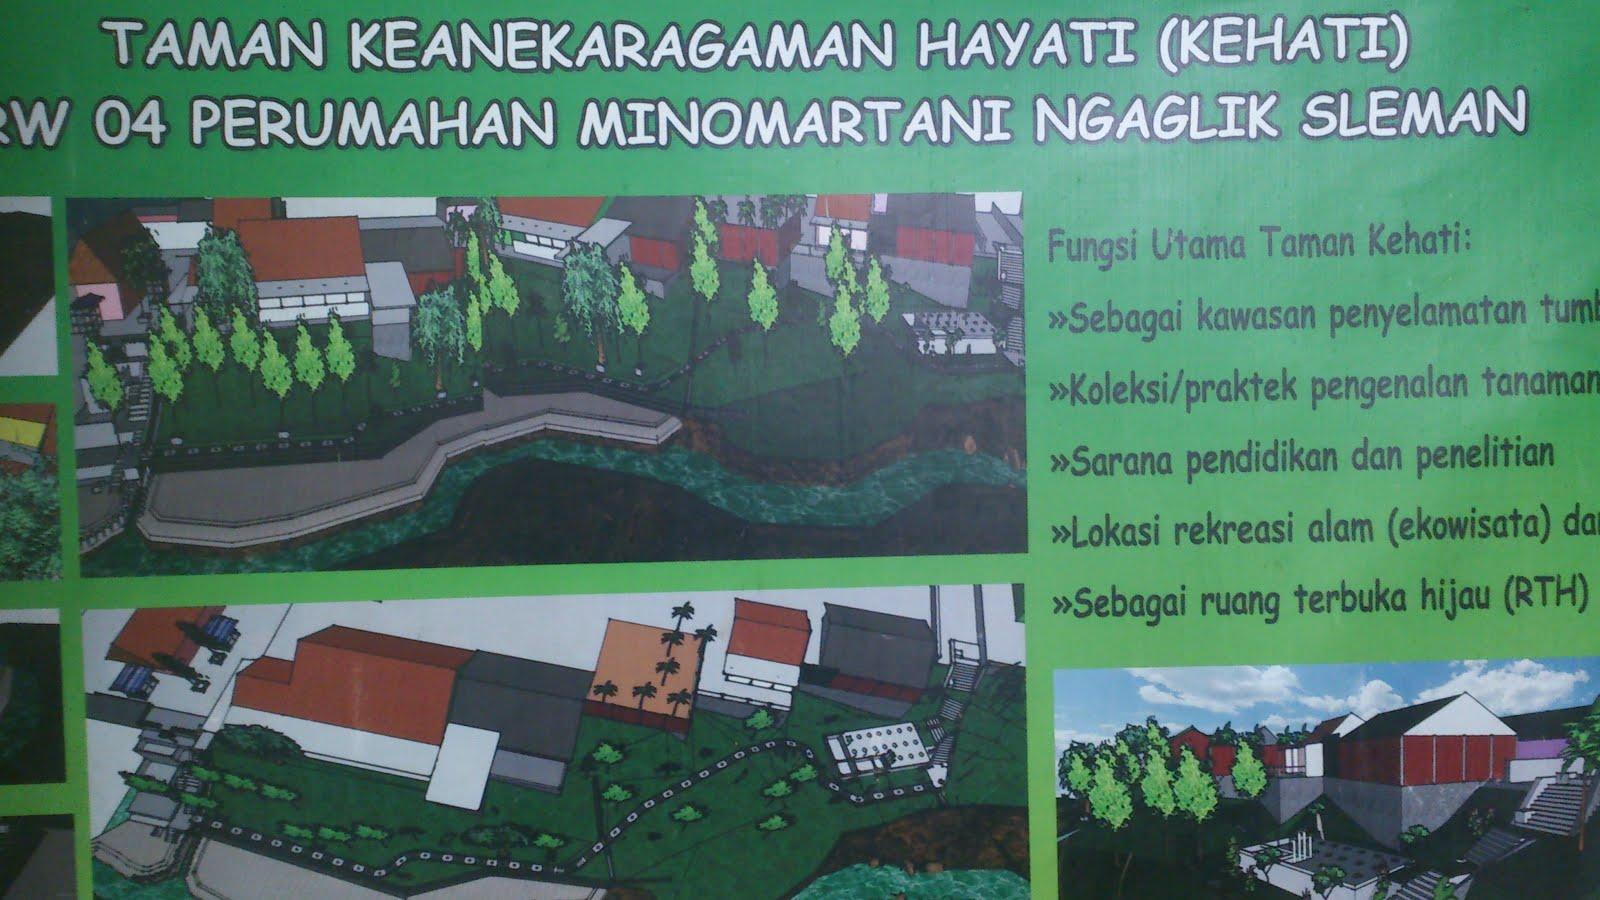 Taman Keanekaragaman Hayati